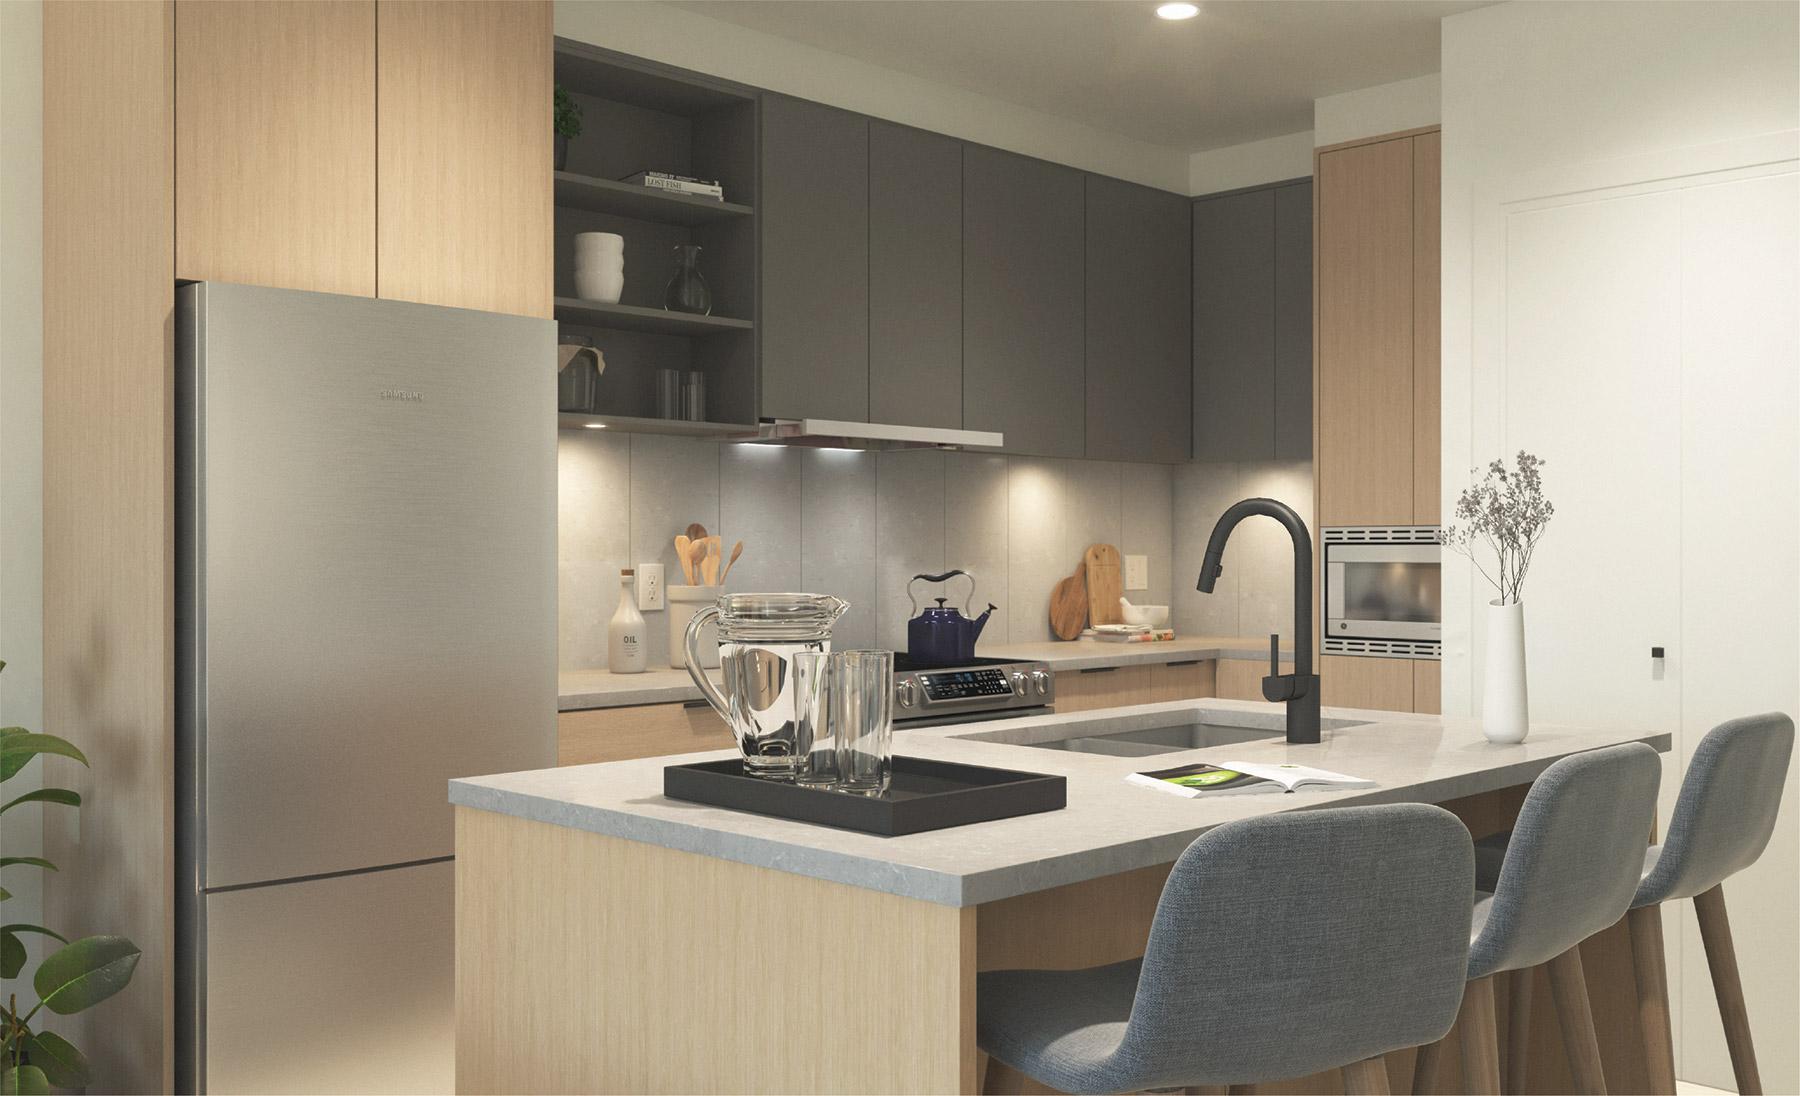 Homes - Kitchen